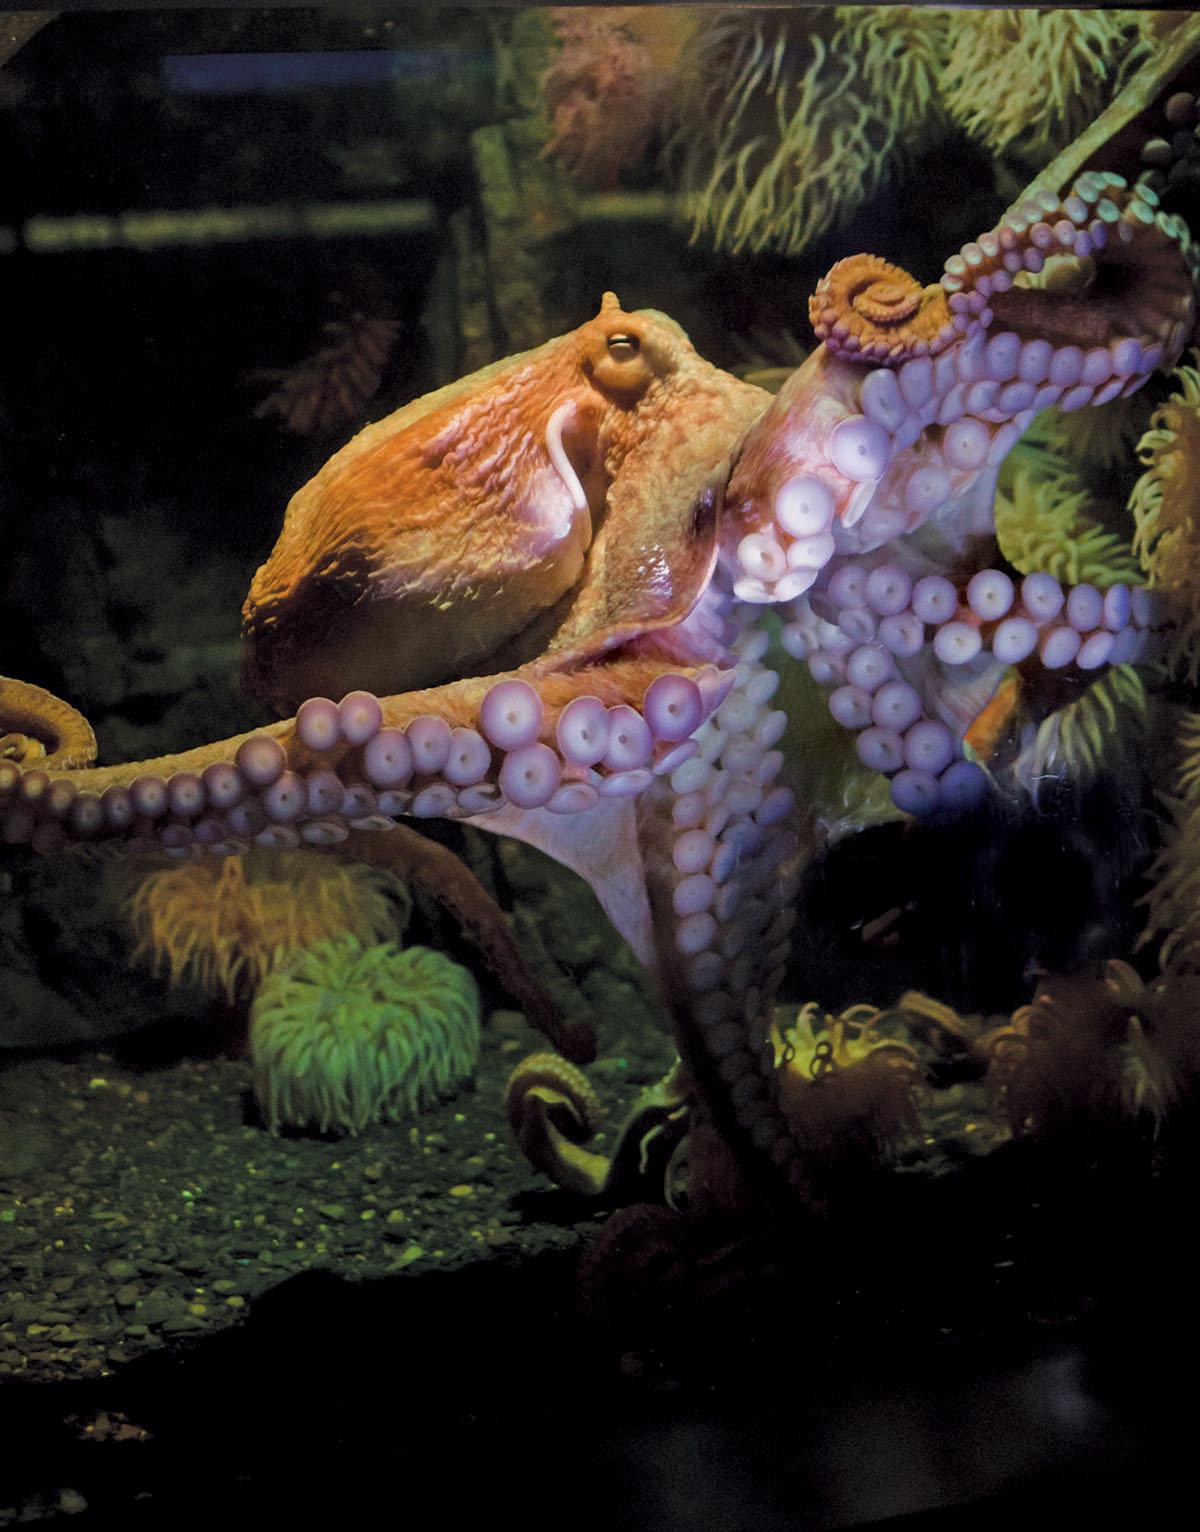 An octopus swims.